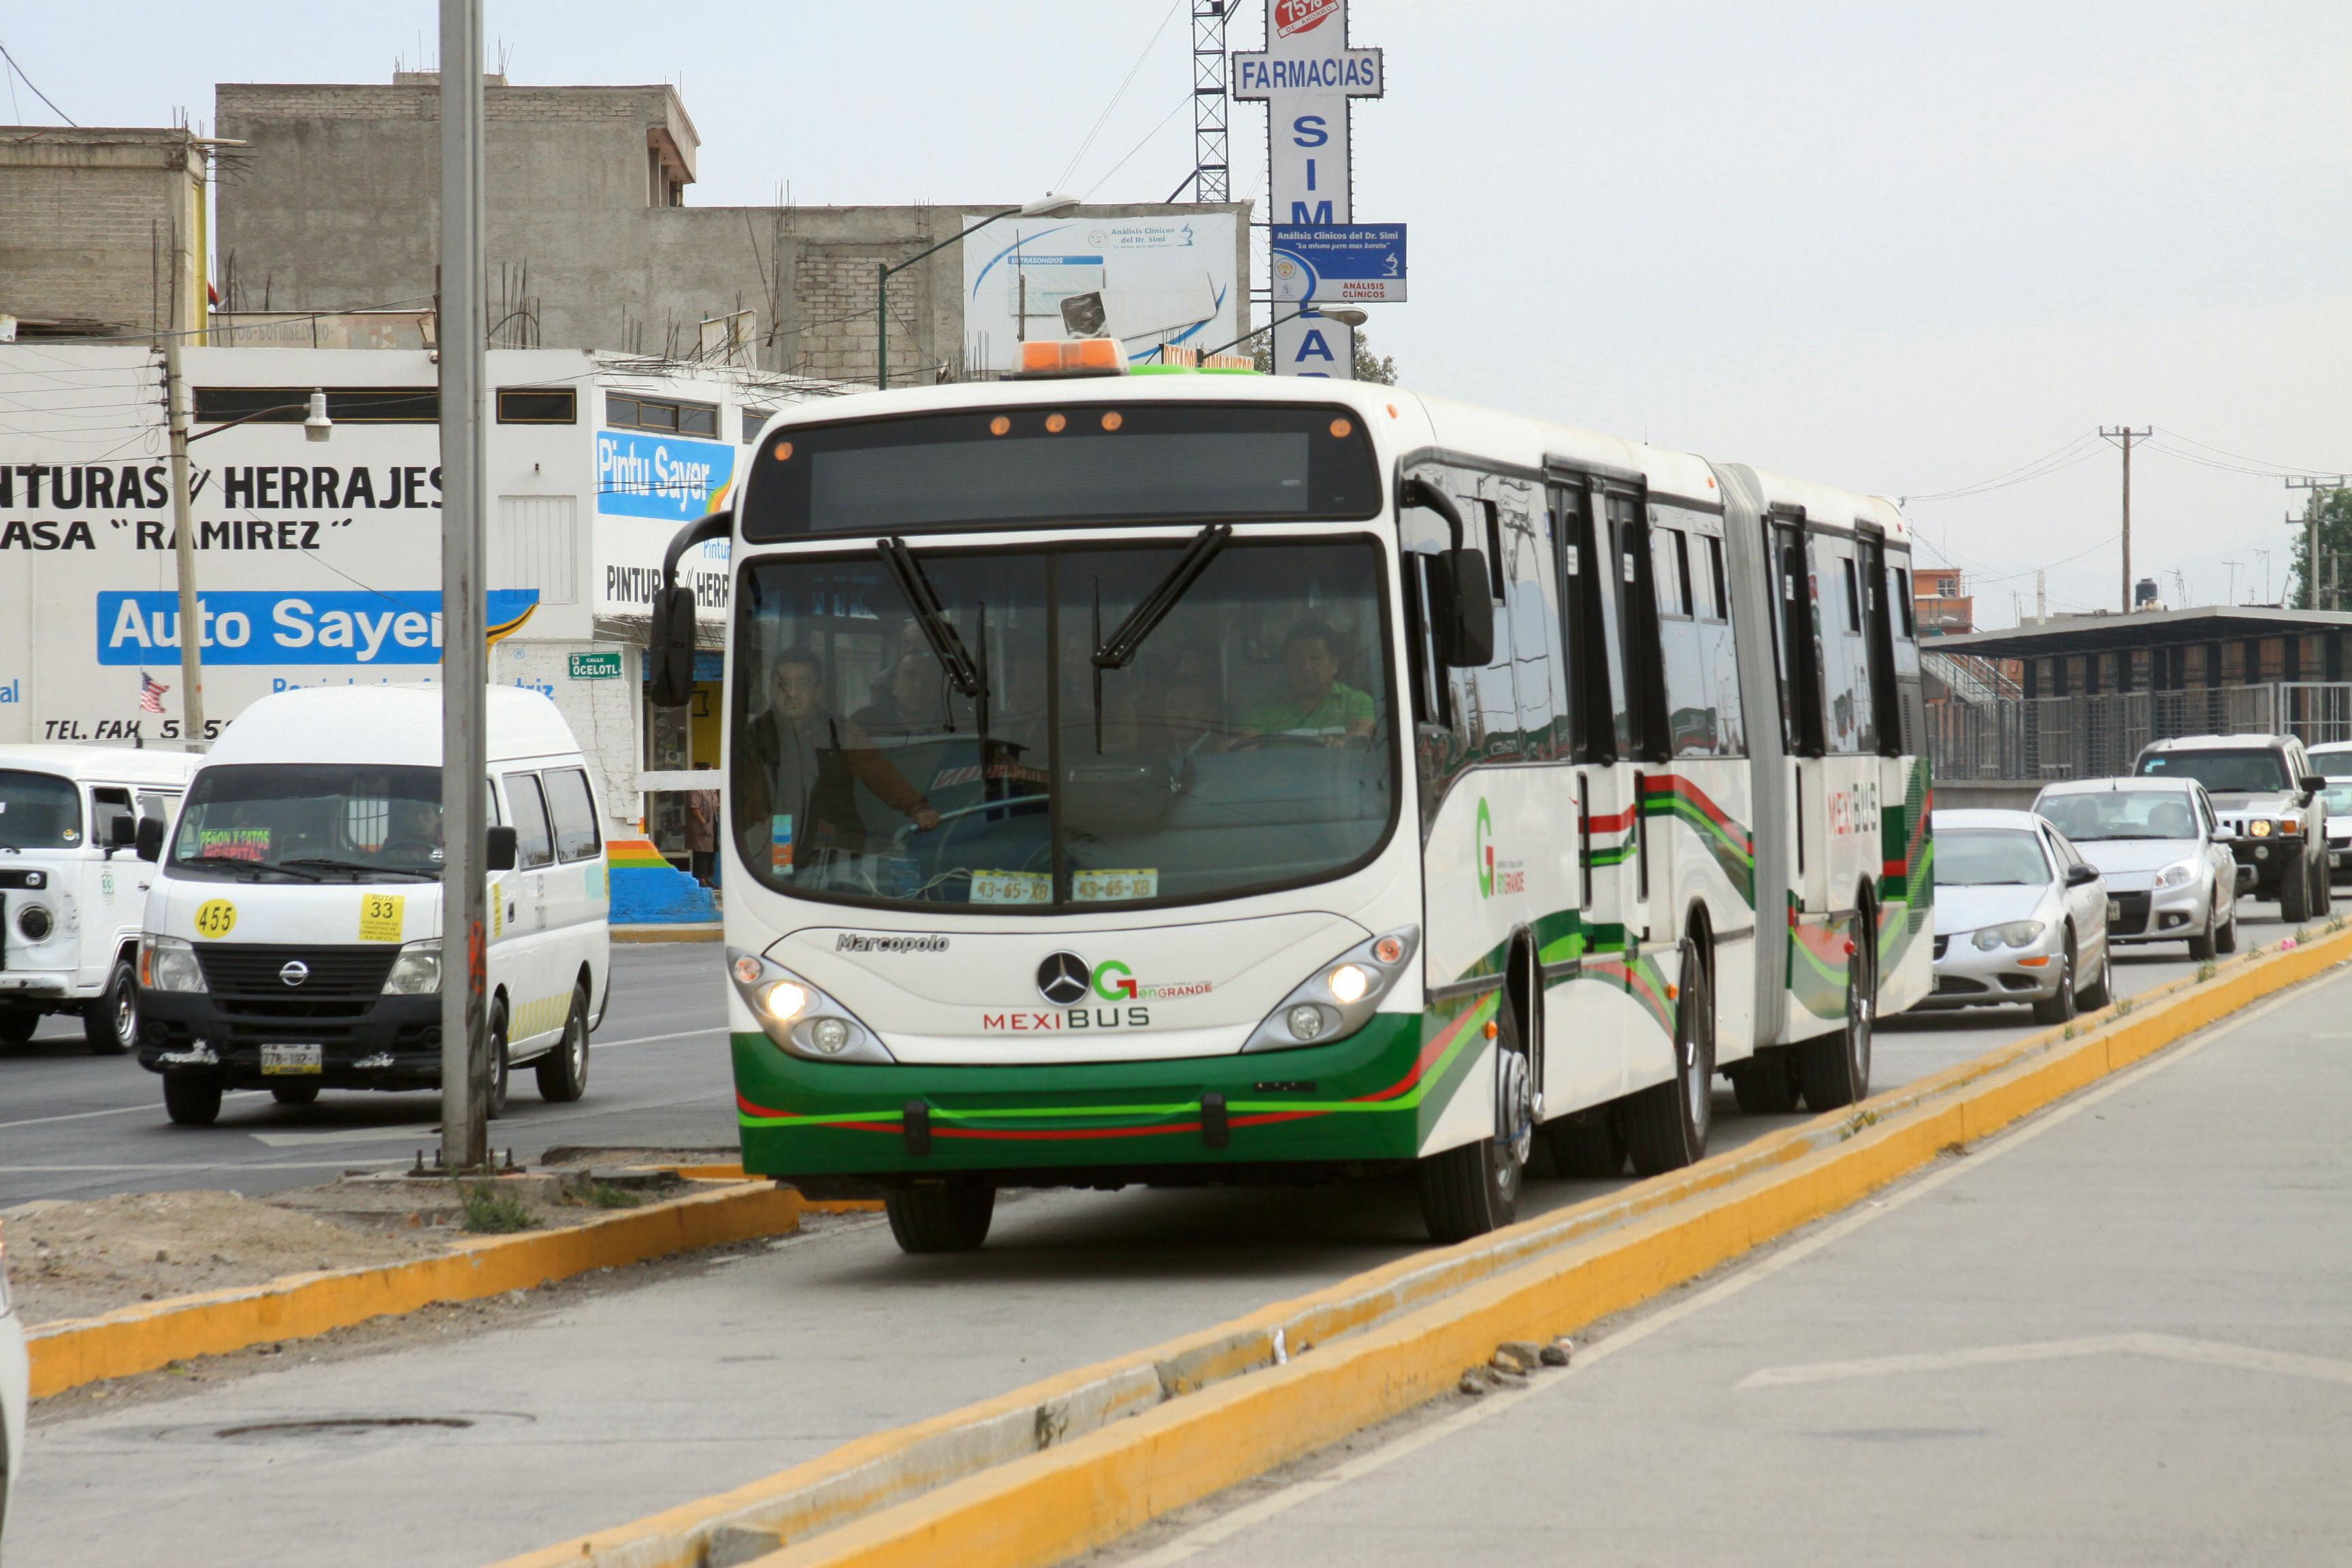 Proponen ampliar transporte confinado